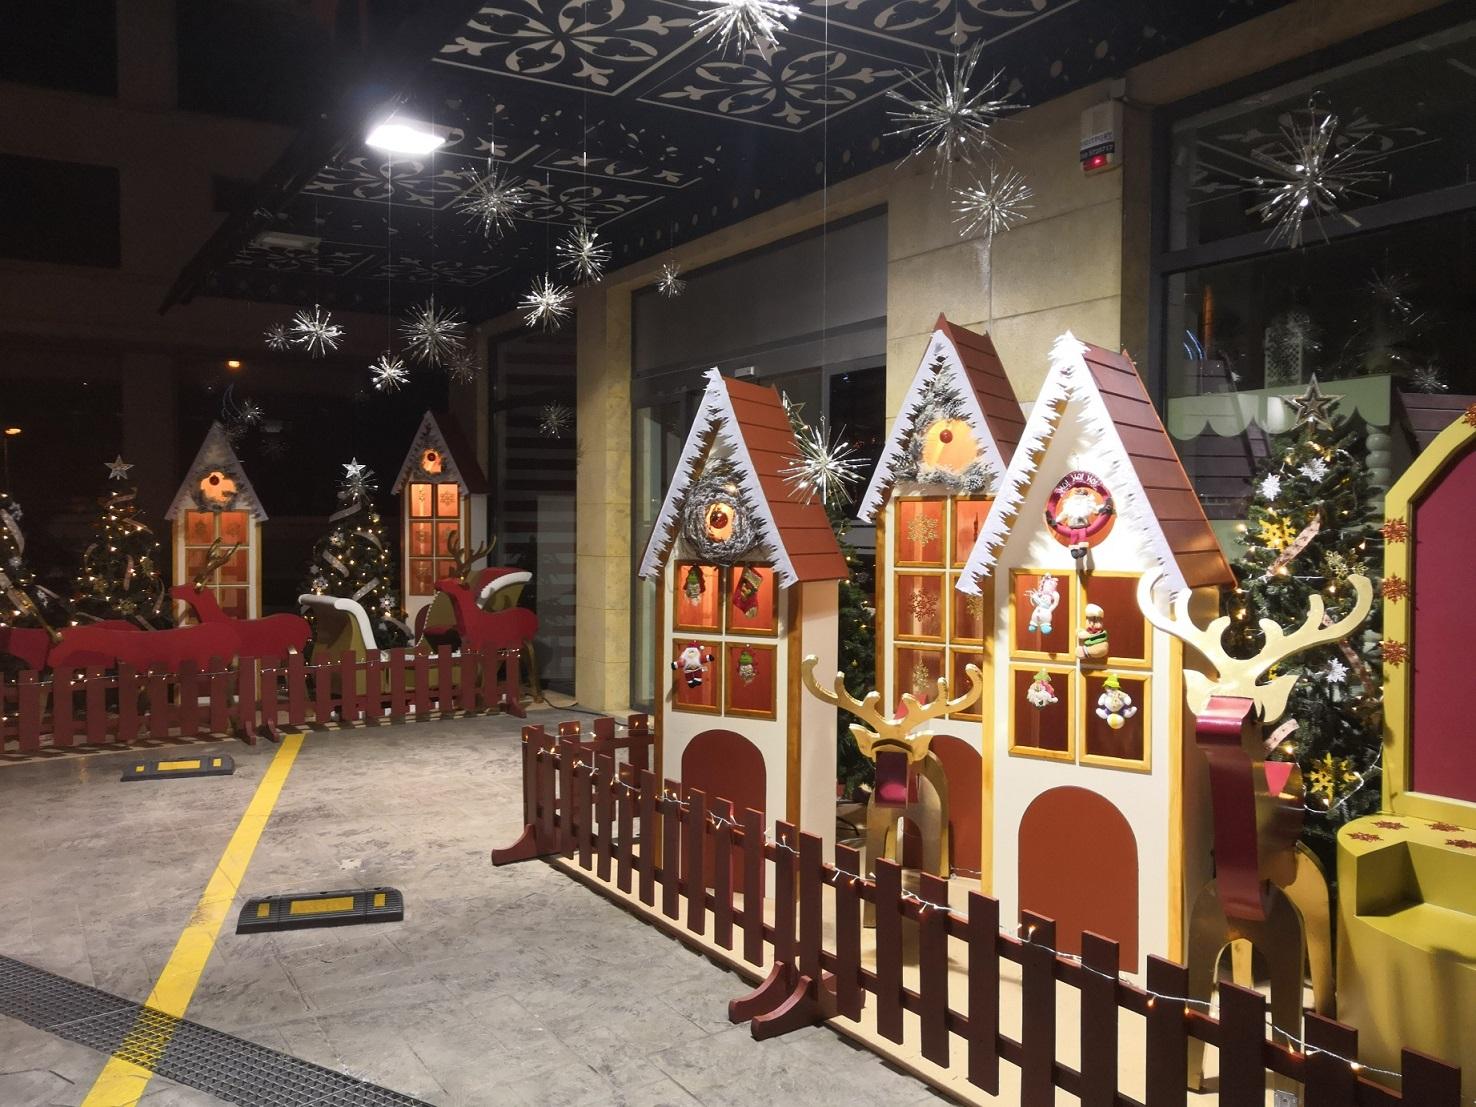 Χριστουγεννιάτικα σπιτάκια σετ των τριών